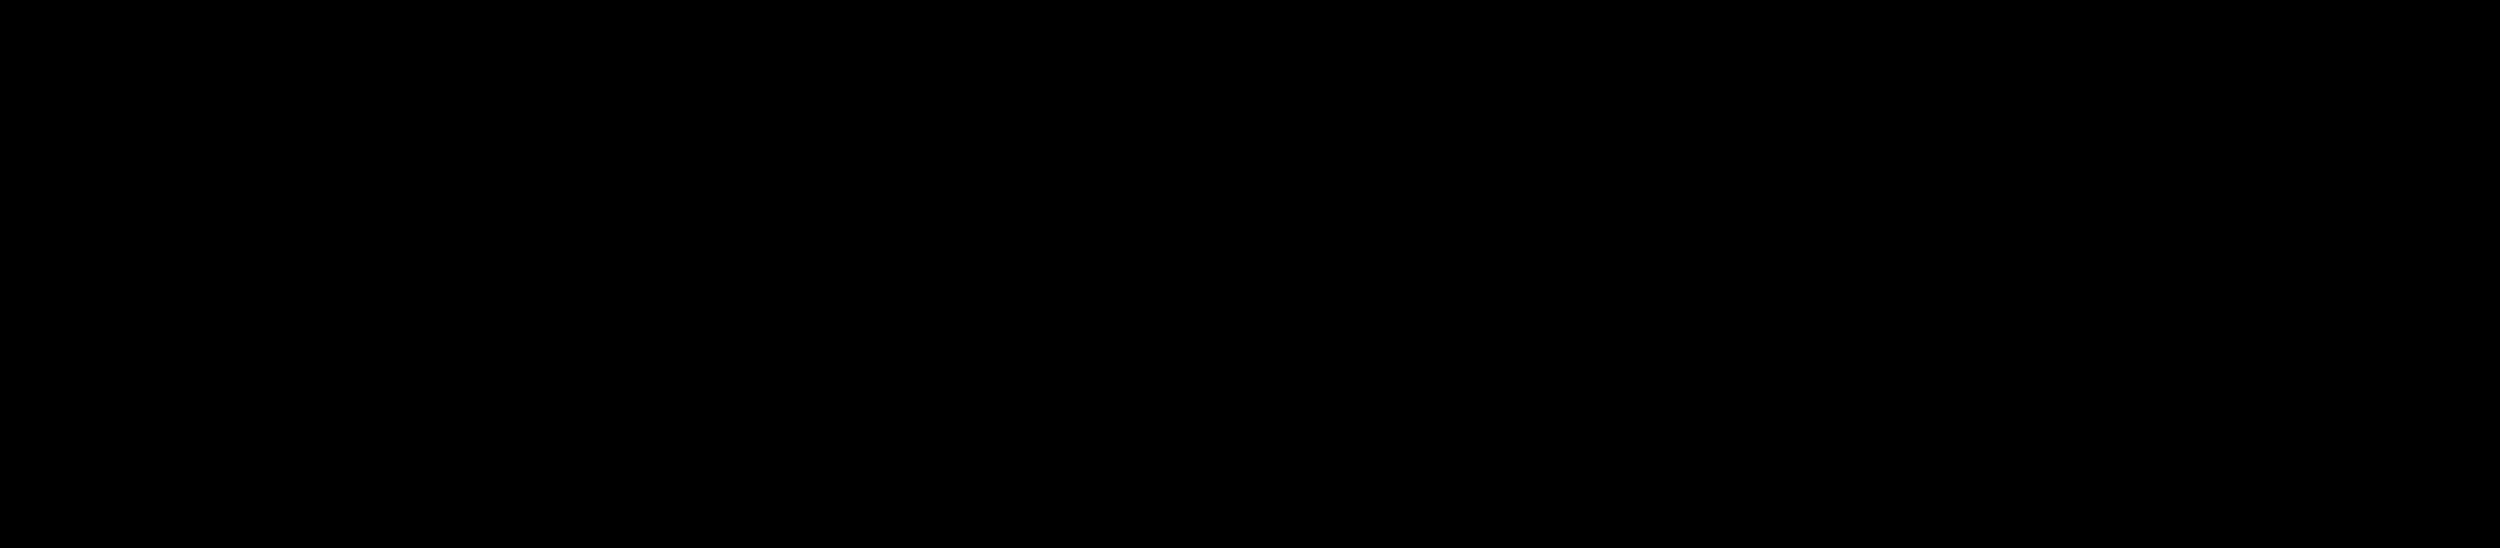 FV Wines logo.png